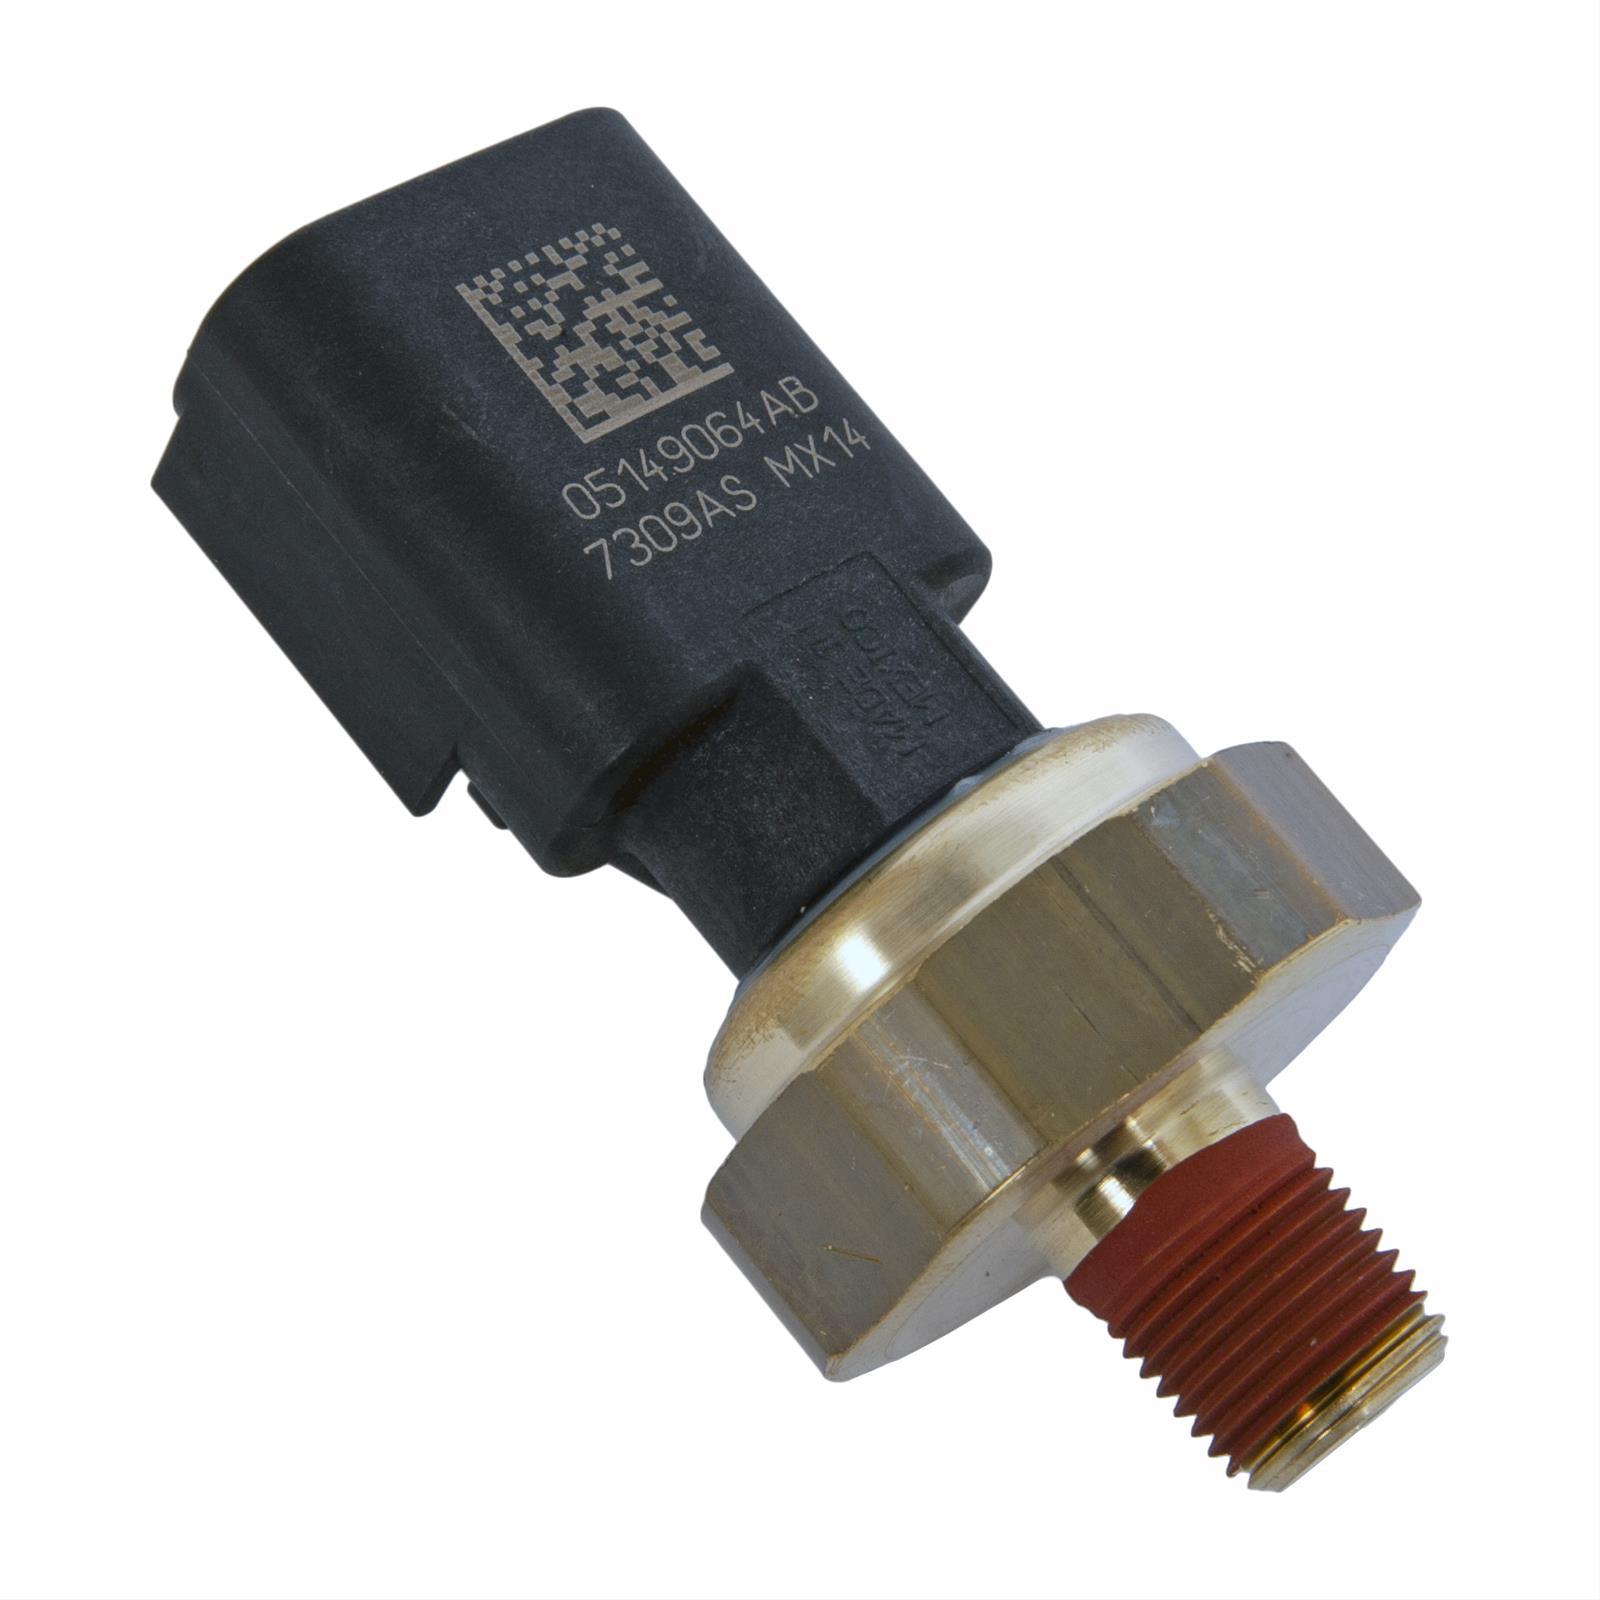 Mopar Replacement Oil Pressure Sending Units 5149064AB